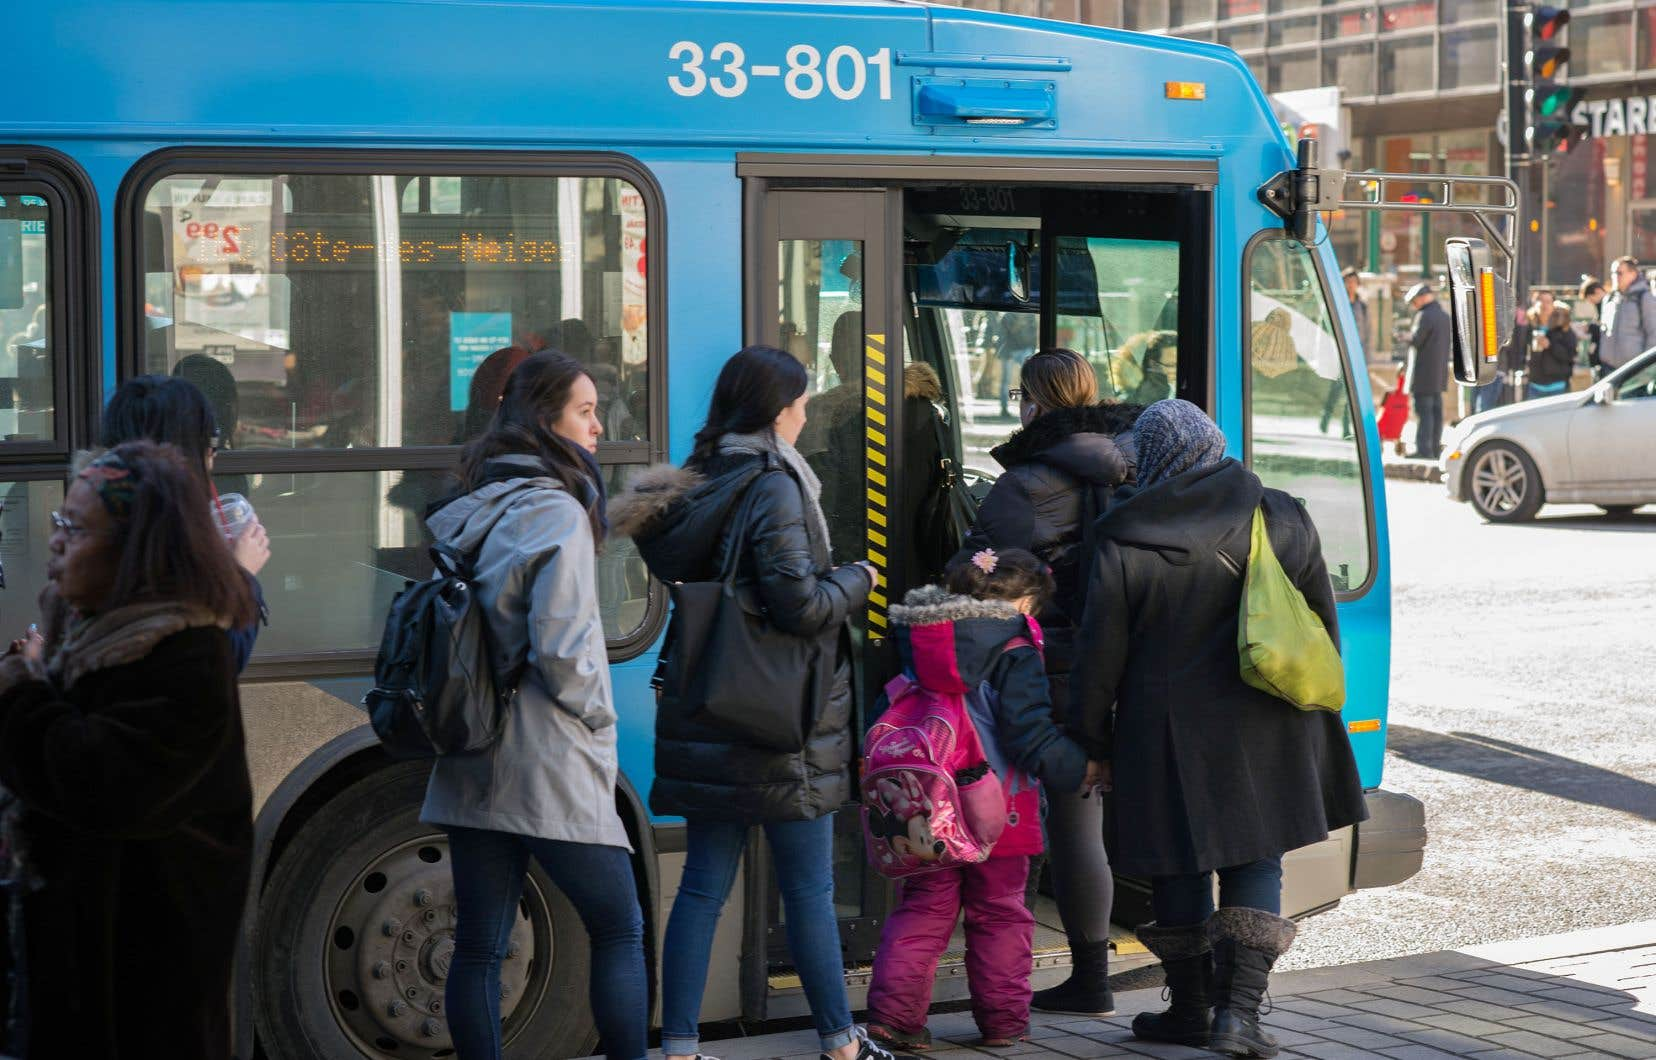 Des circuits d'autobus pourraient être revus en fonction notamment des données d'achalandage et des demandes de la clientèle.